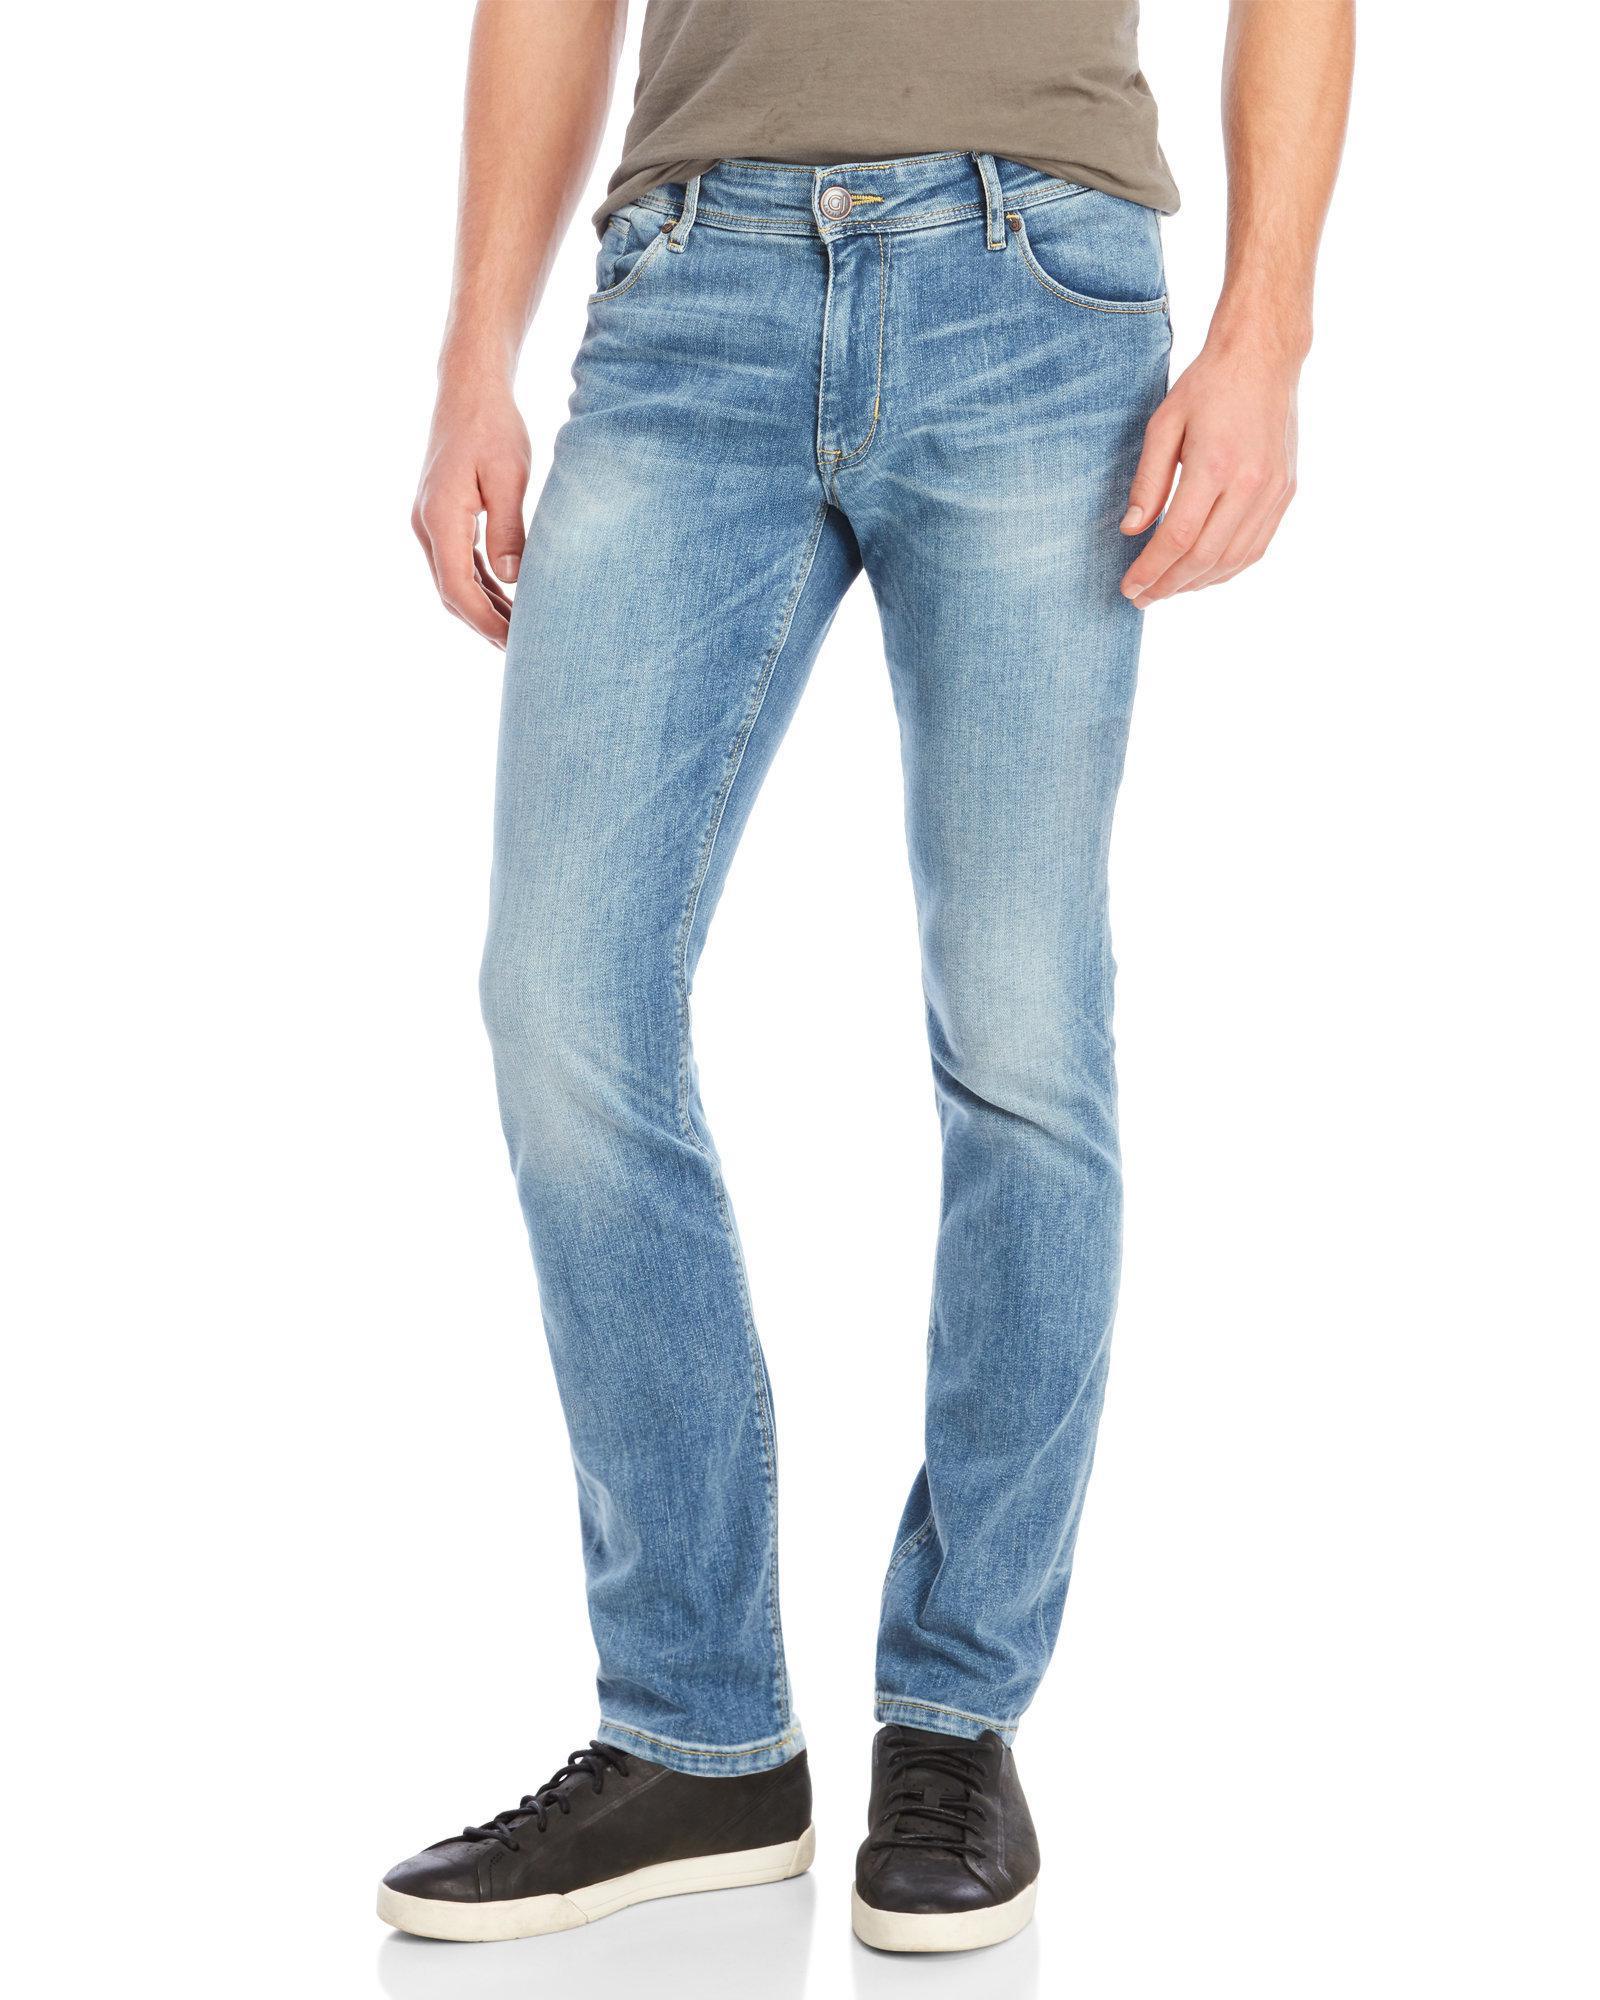 Gaudi Jeans skinny WILL Pas Cher Vraiment Pas Cher Pas Cher Fiable Pas Cher Choisissez Un Meilleur Vente Parfaite Emplacements De Magasin De Sortie cKXlECX0